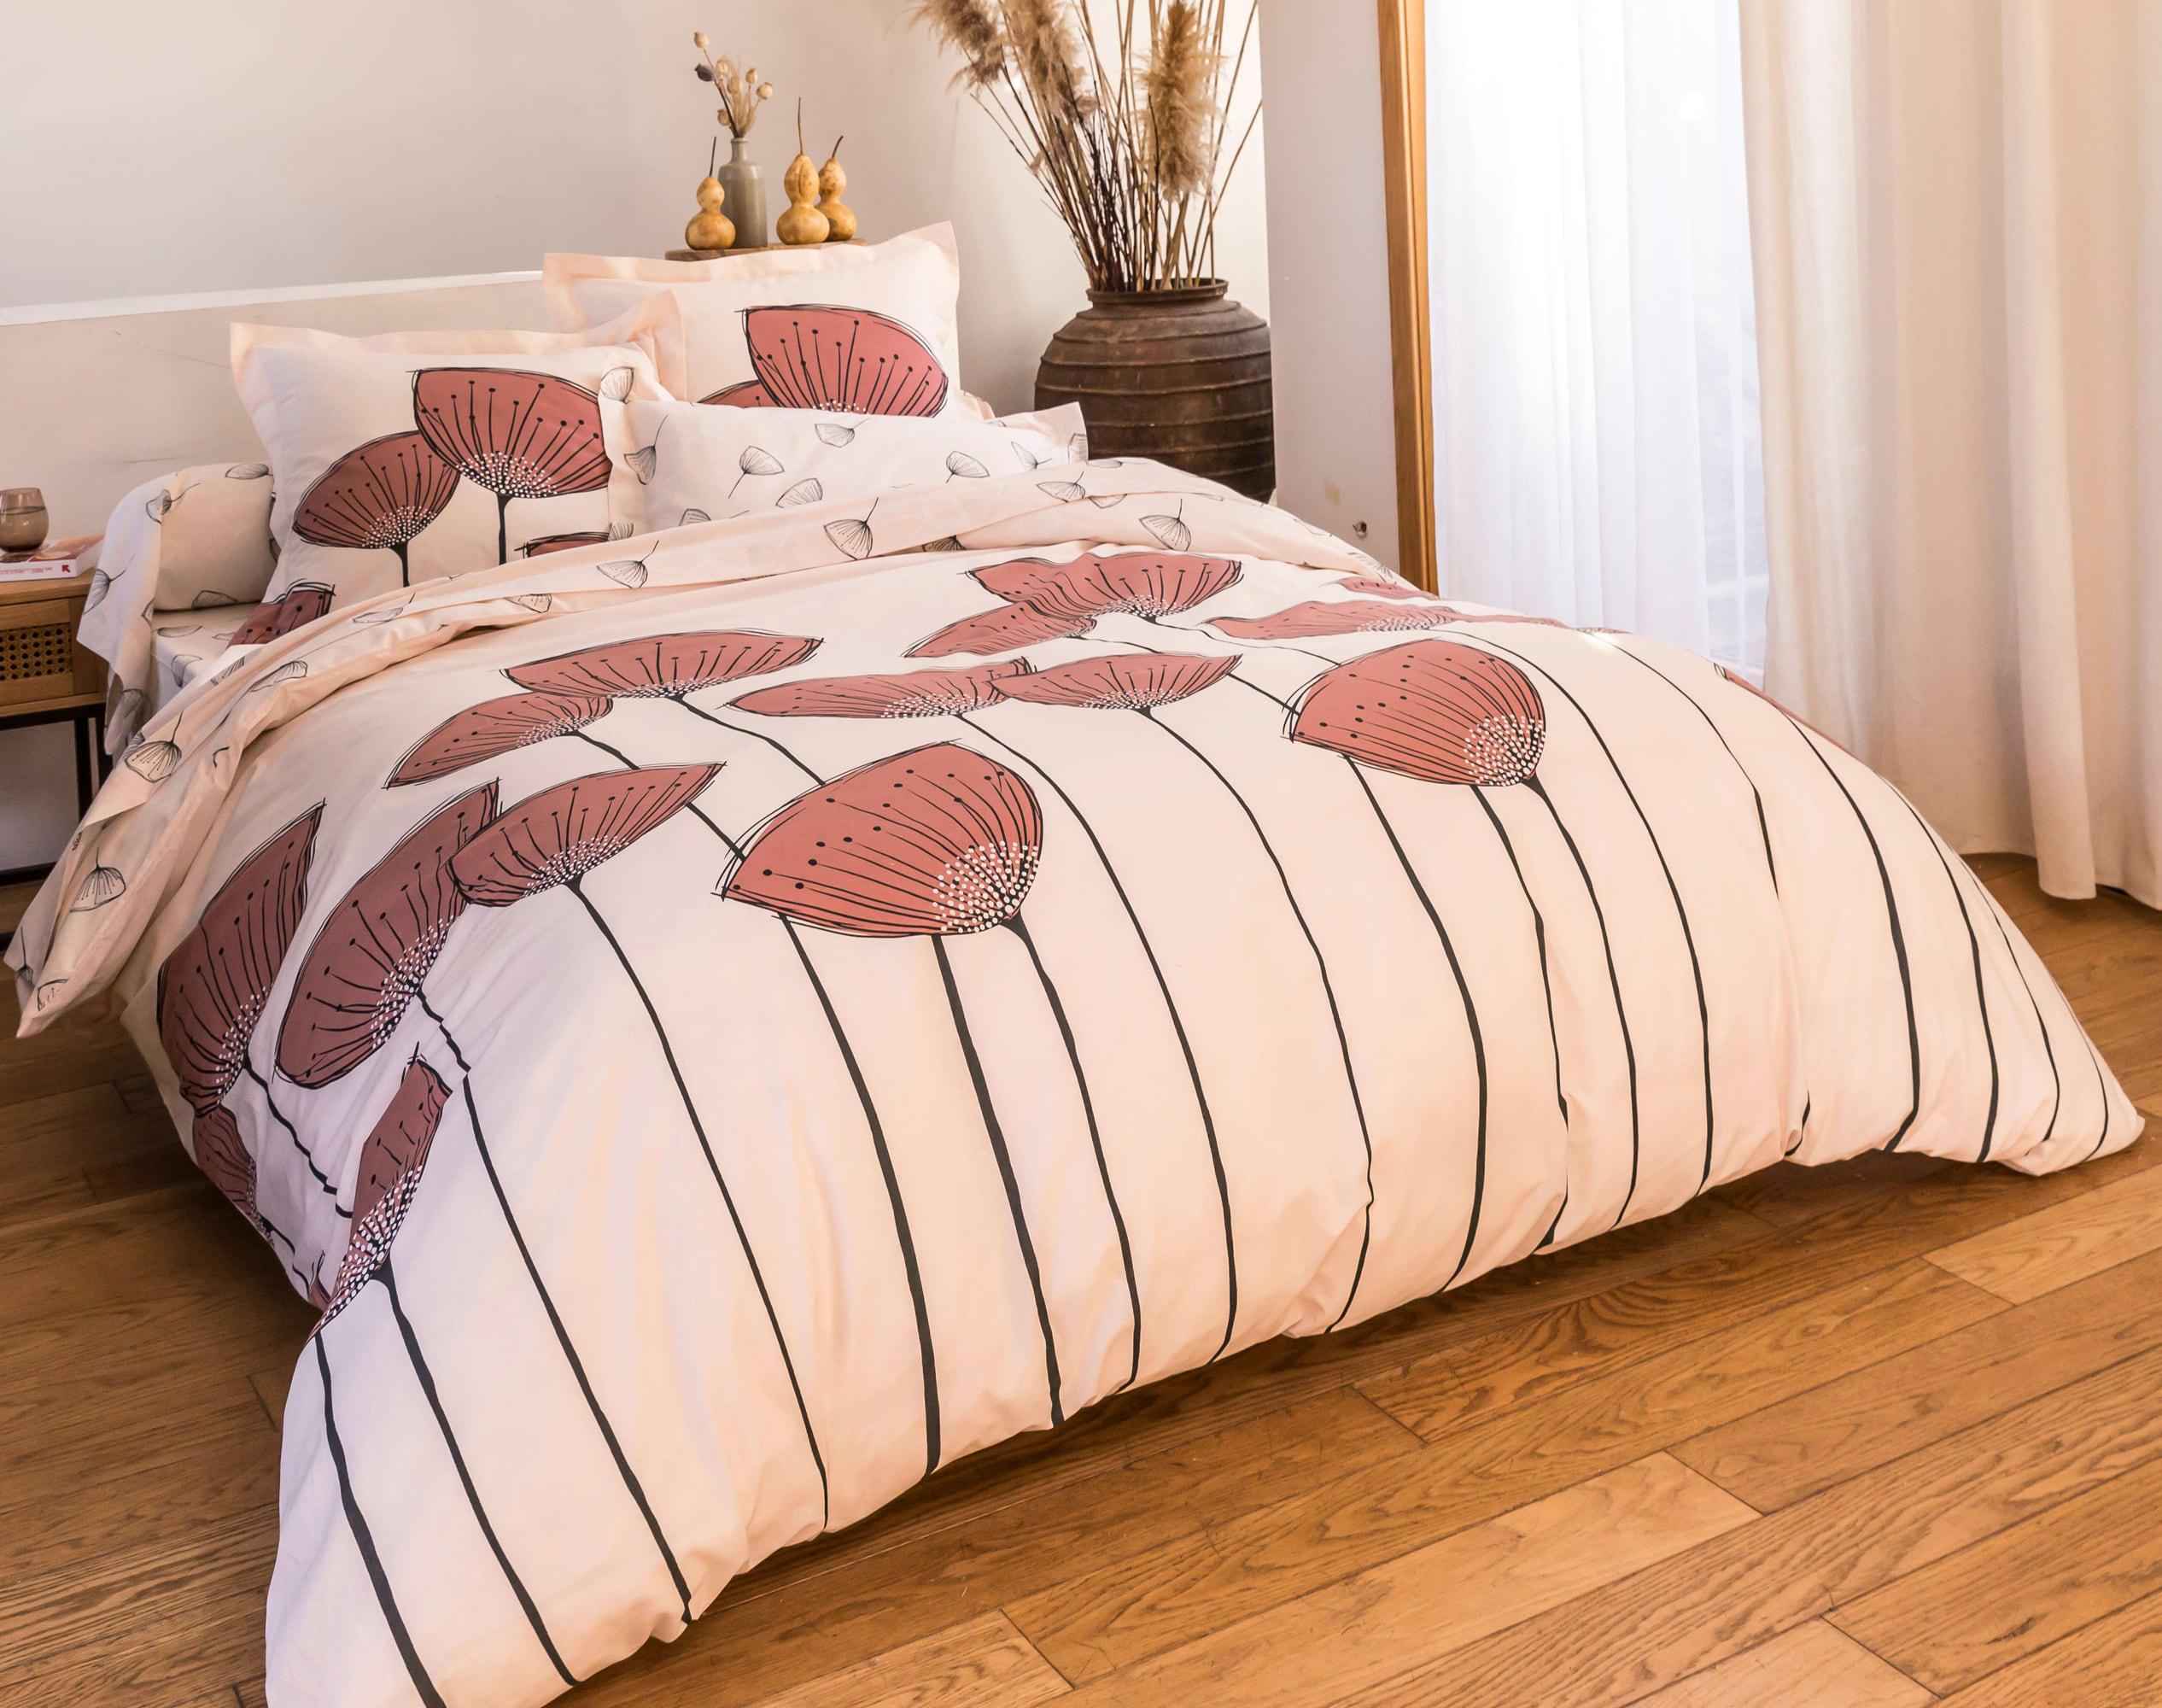 Housse de couette 200x200 en coton rose